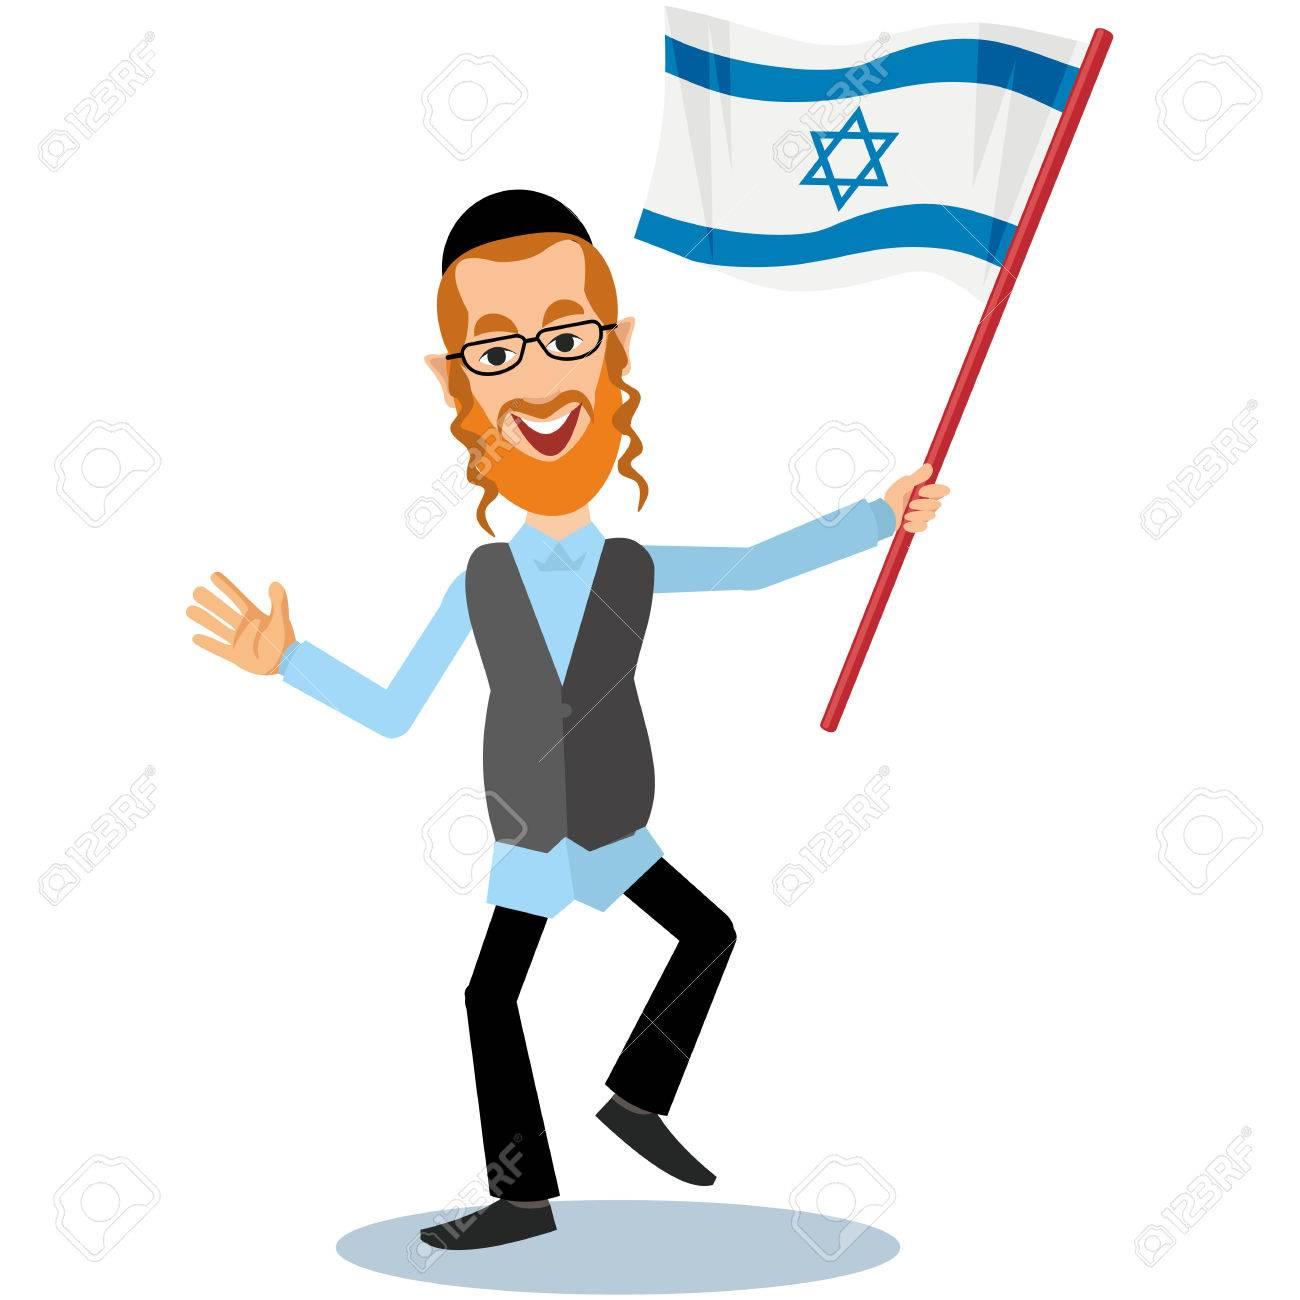 orthodox jew, hassid, rabbi, with Payot and Kippah - 65863316